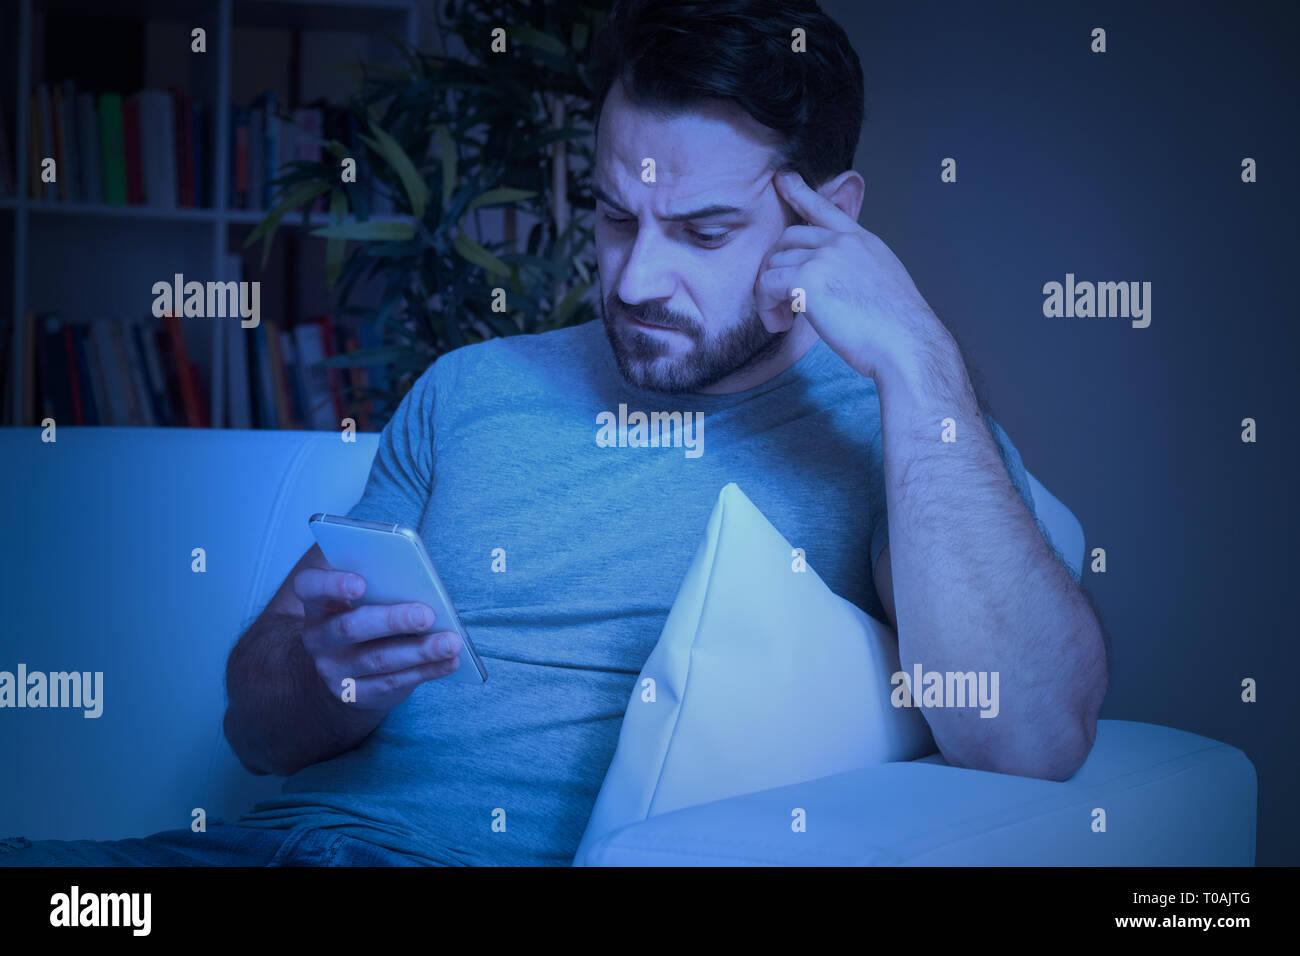 Sad man holding mobile phone feeling bad - Stock Image